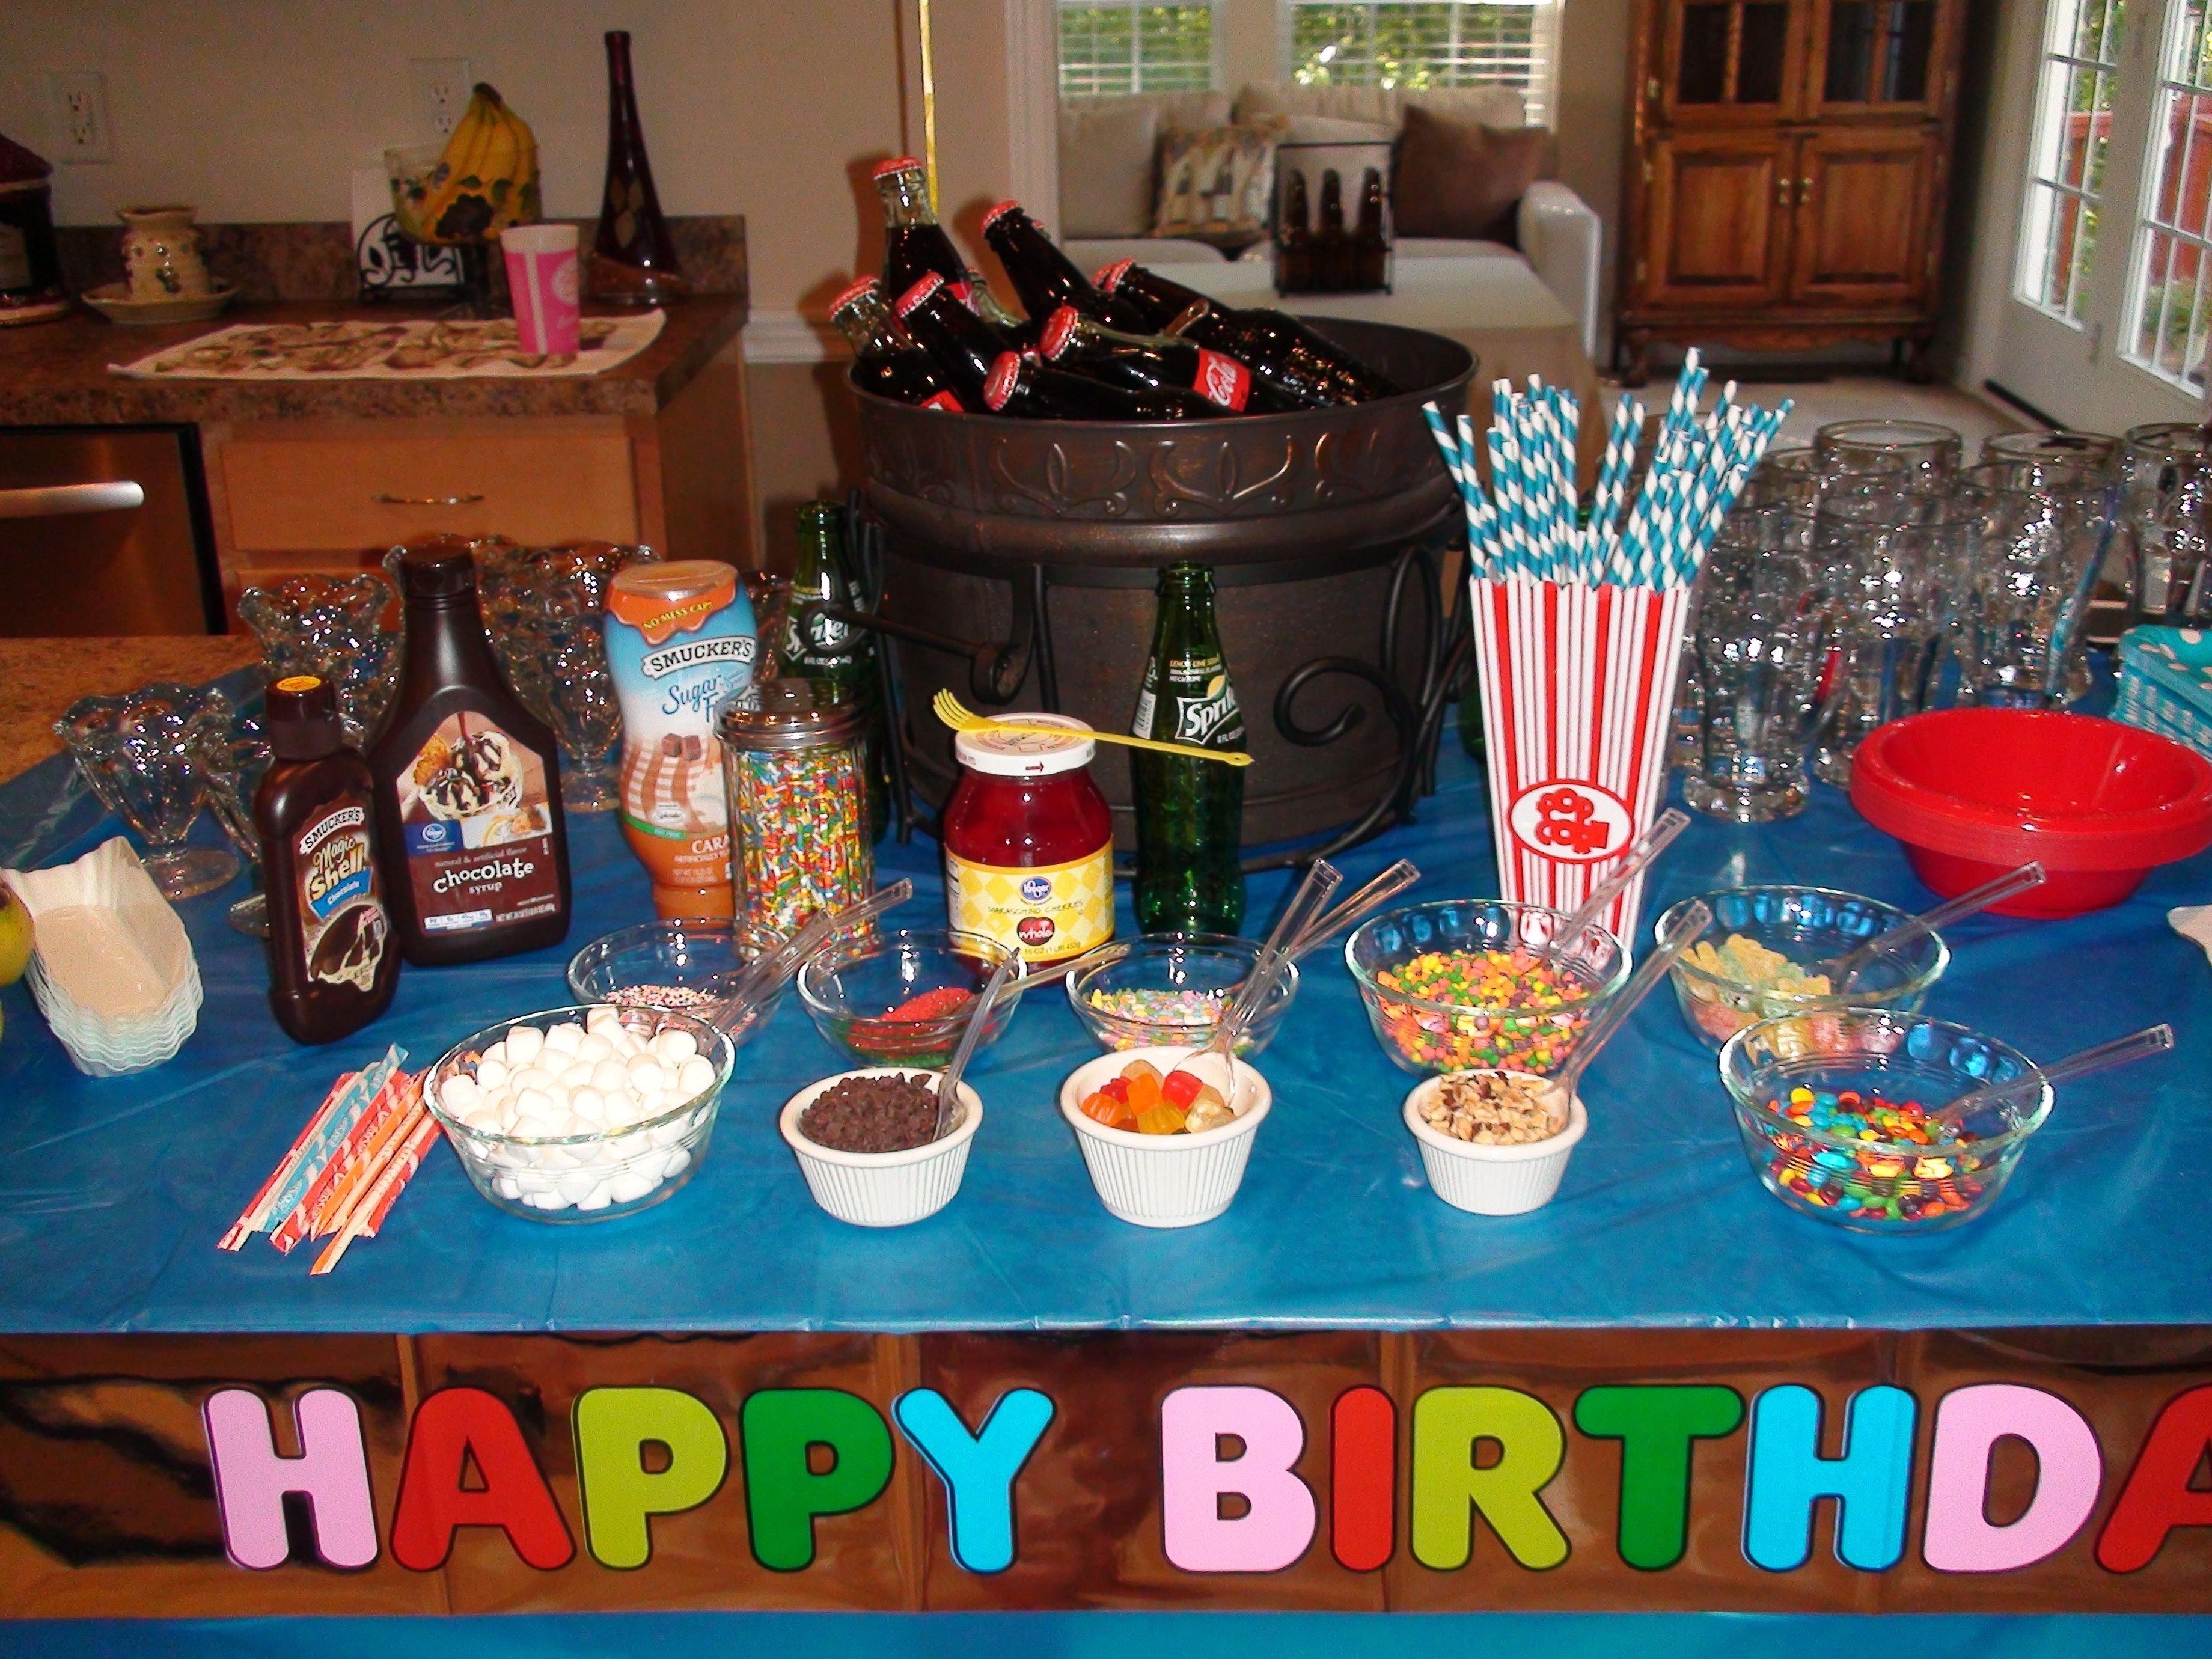 10 pretty birthday ideas for 12 year old boy